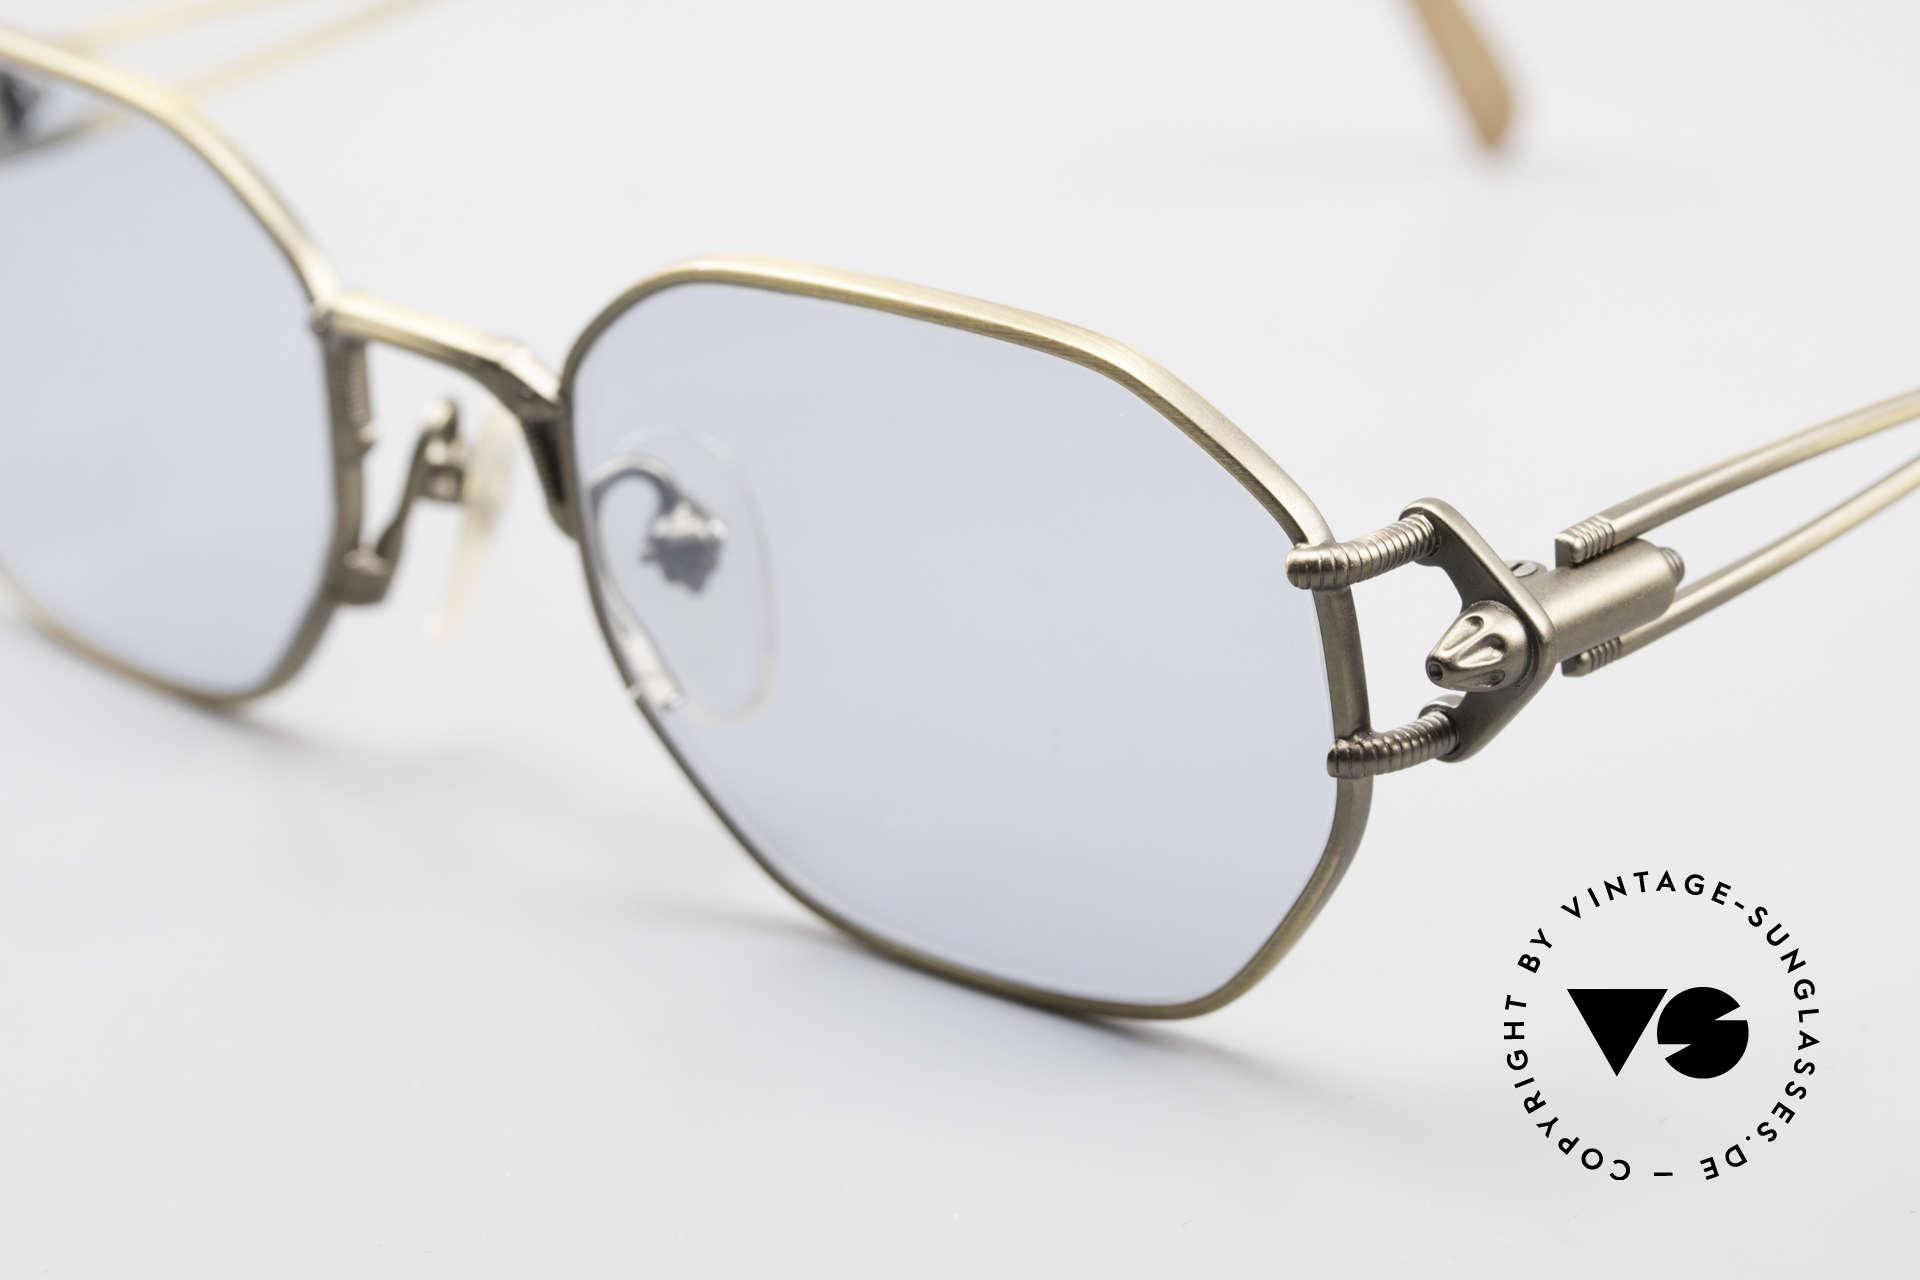 Jean Paul Gaultier 55-6106 Alte 90er Designer Sonnenbrille, neue Sonnengläser in 45% hellblau; 100% UV Protection, Passend für Herren und Damen